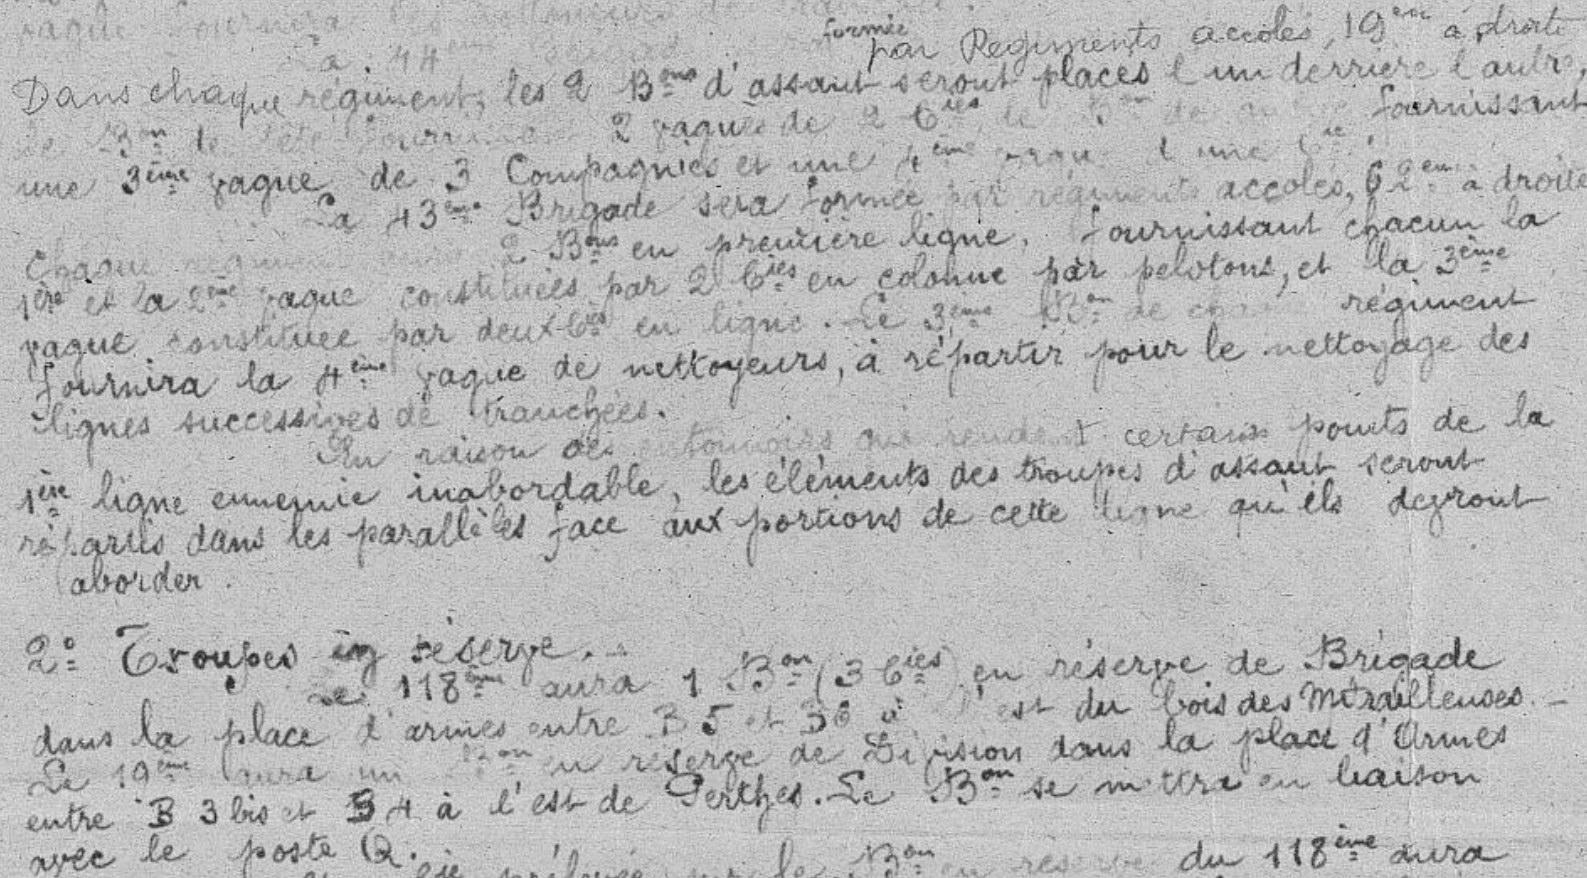 extrait du JMO du 118e RI - 25 septembre 1915 - source MDH